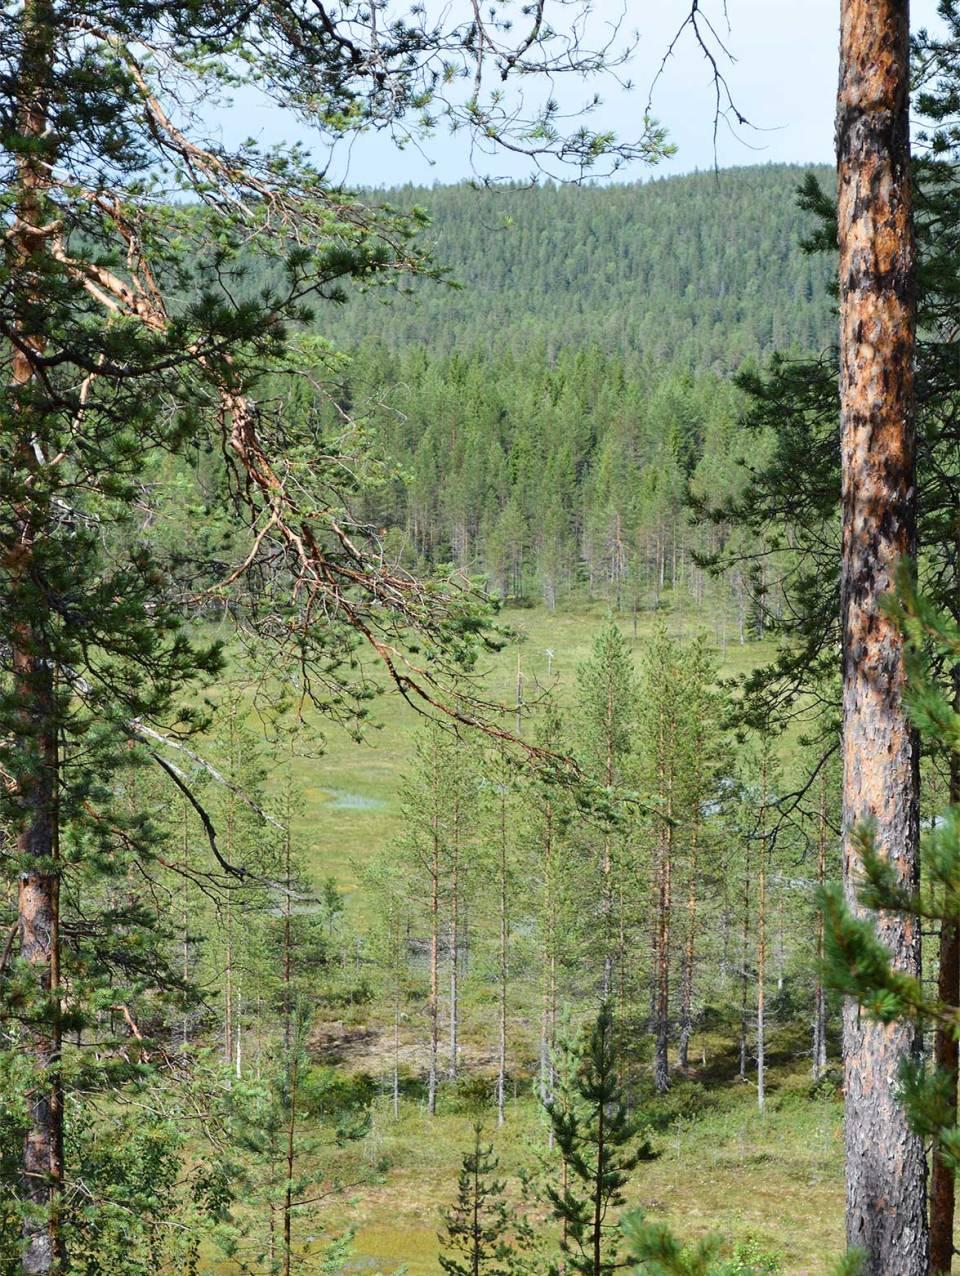 Suomaisemaa puiden välissä Syötten Pytkyn pyrähdyksellä